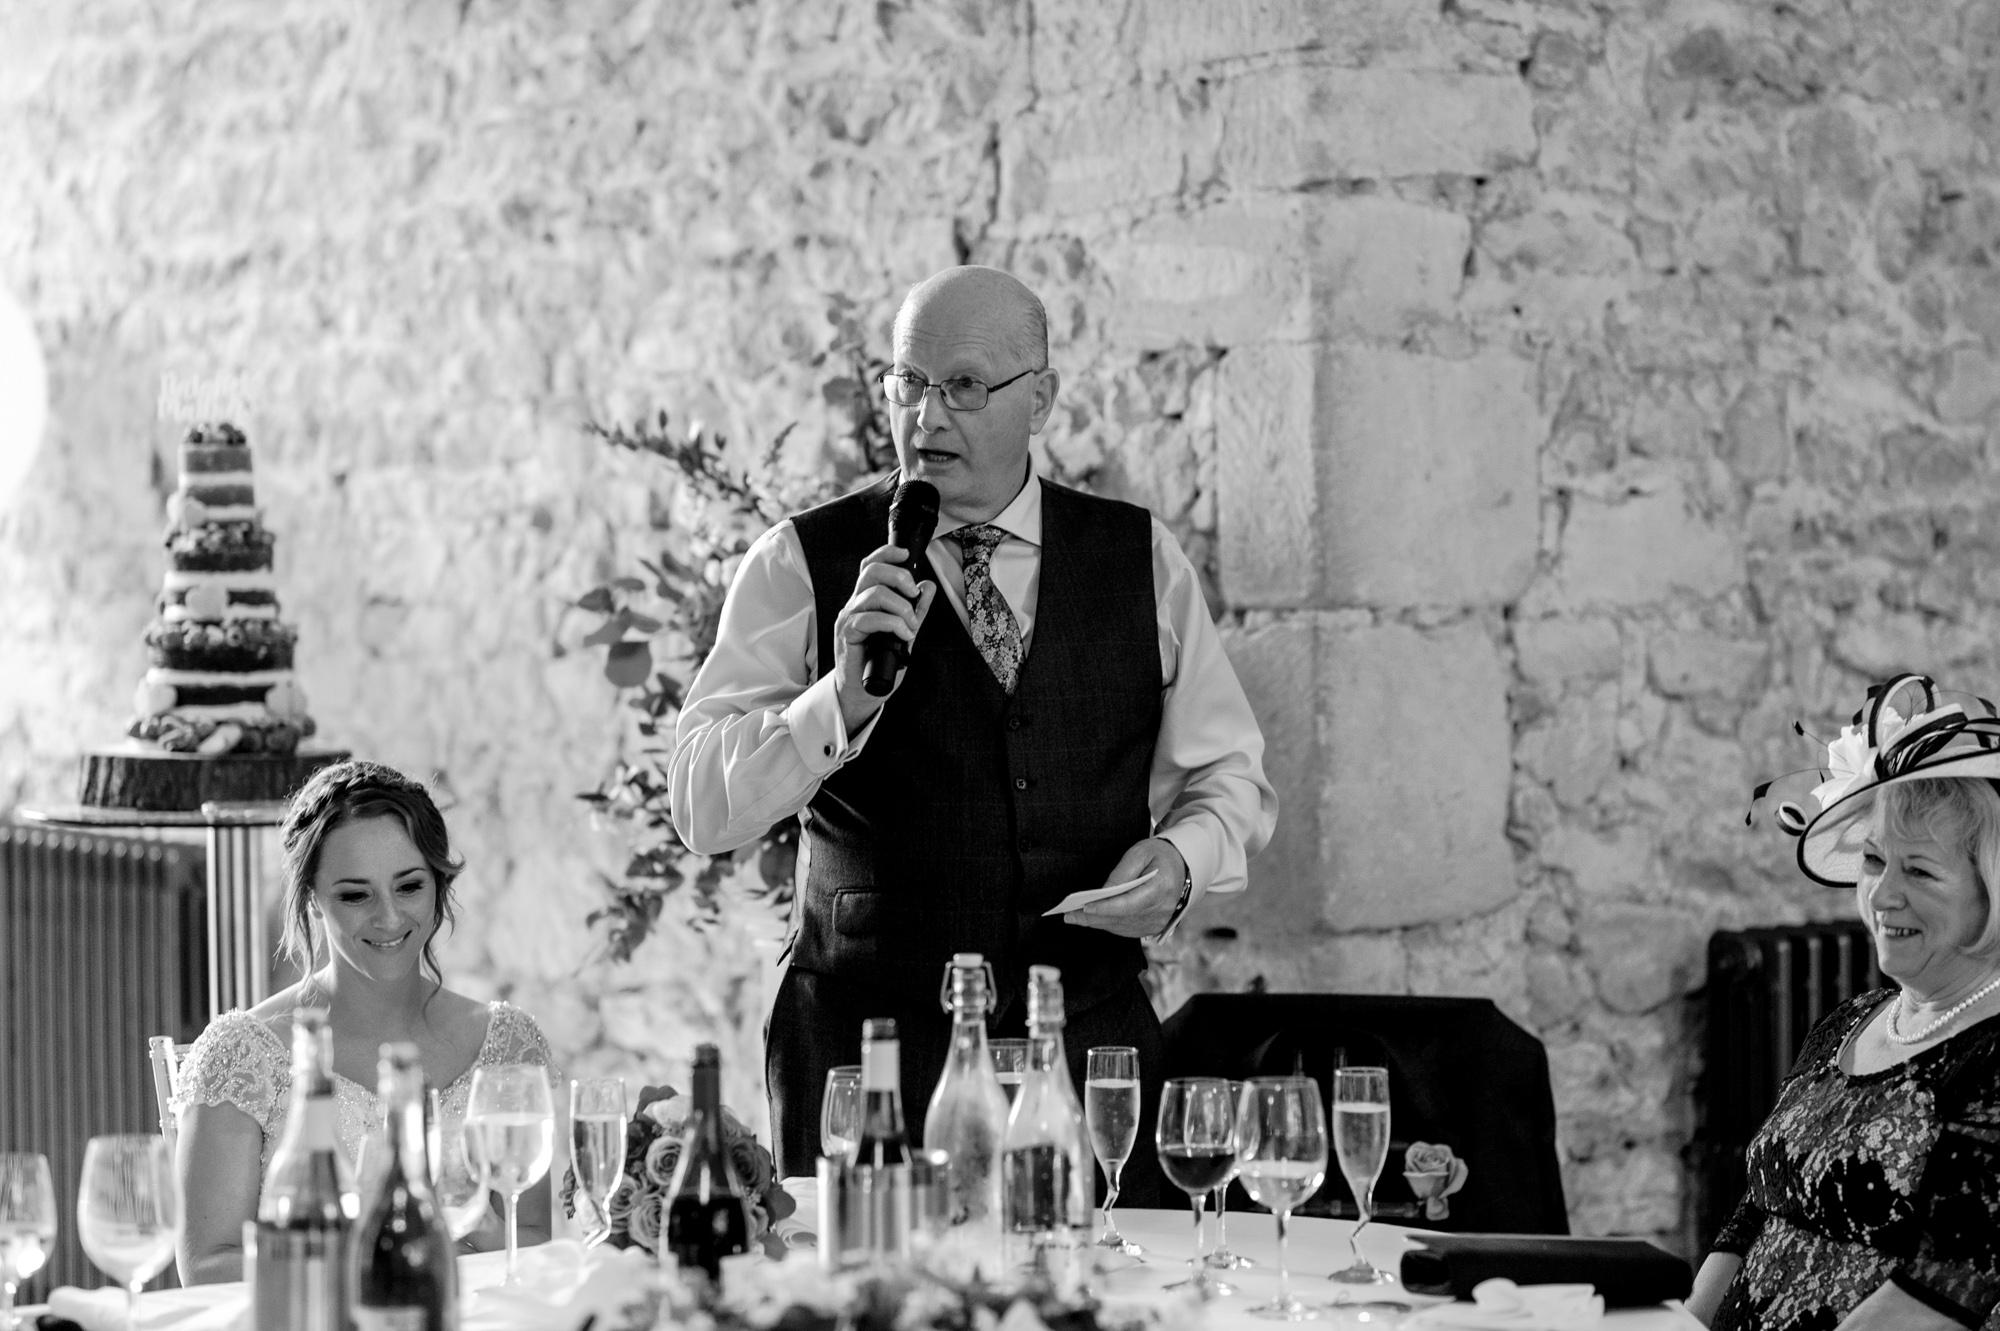 Notley Barn Wedding 26.10.18 23.jpg